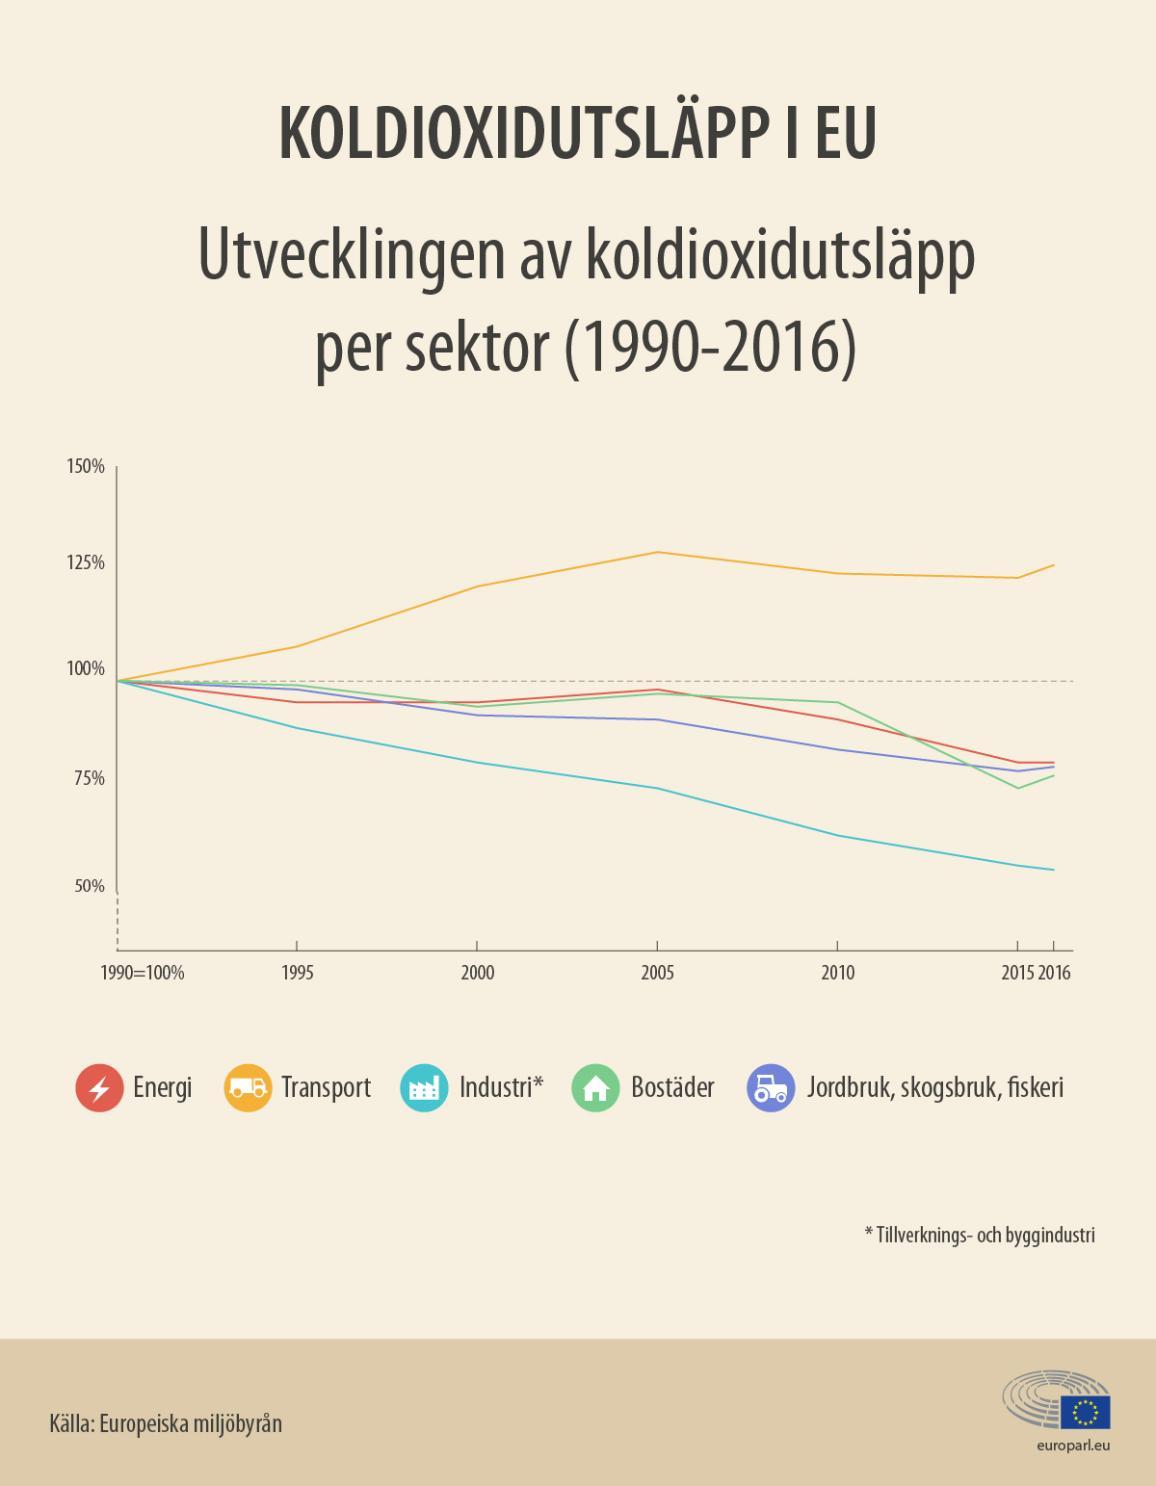 Nyhetsgrafik om utvecklingskurvan av koldioxidutsläpp inom EU - sektorsvis (1990-2016).